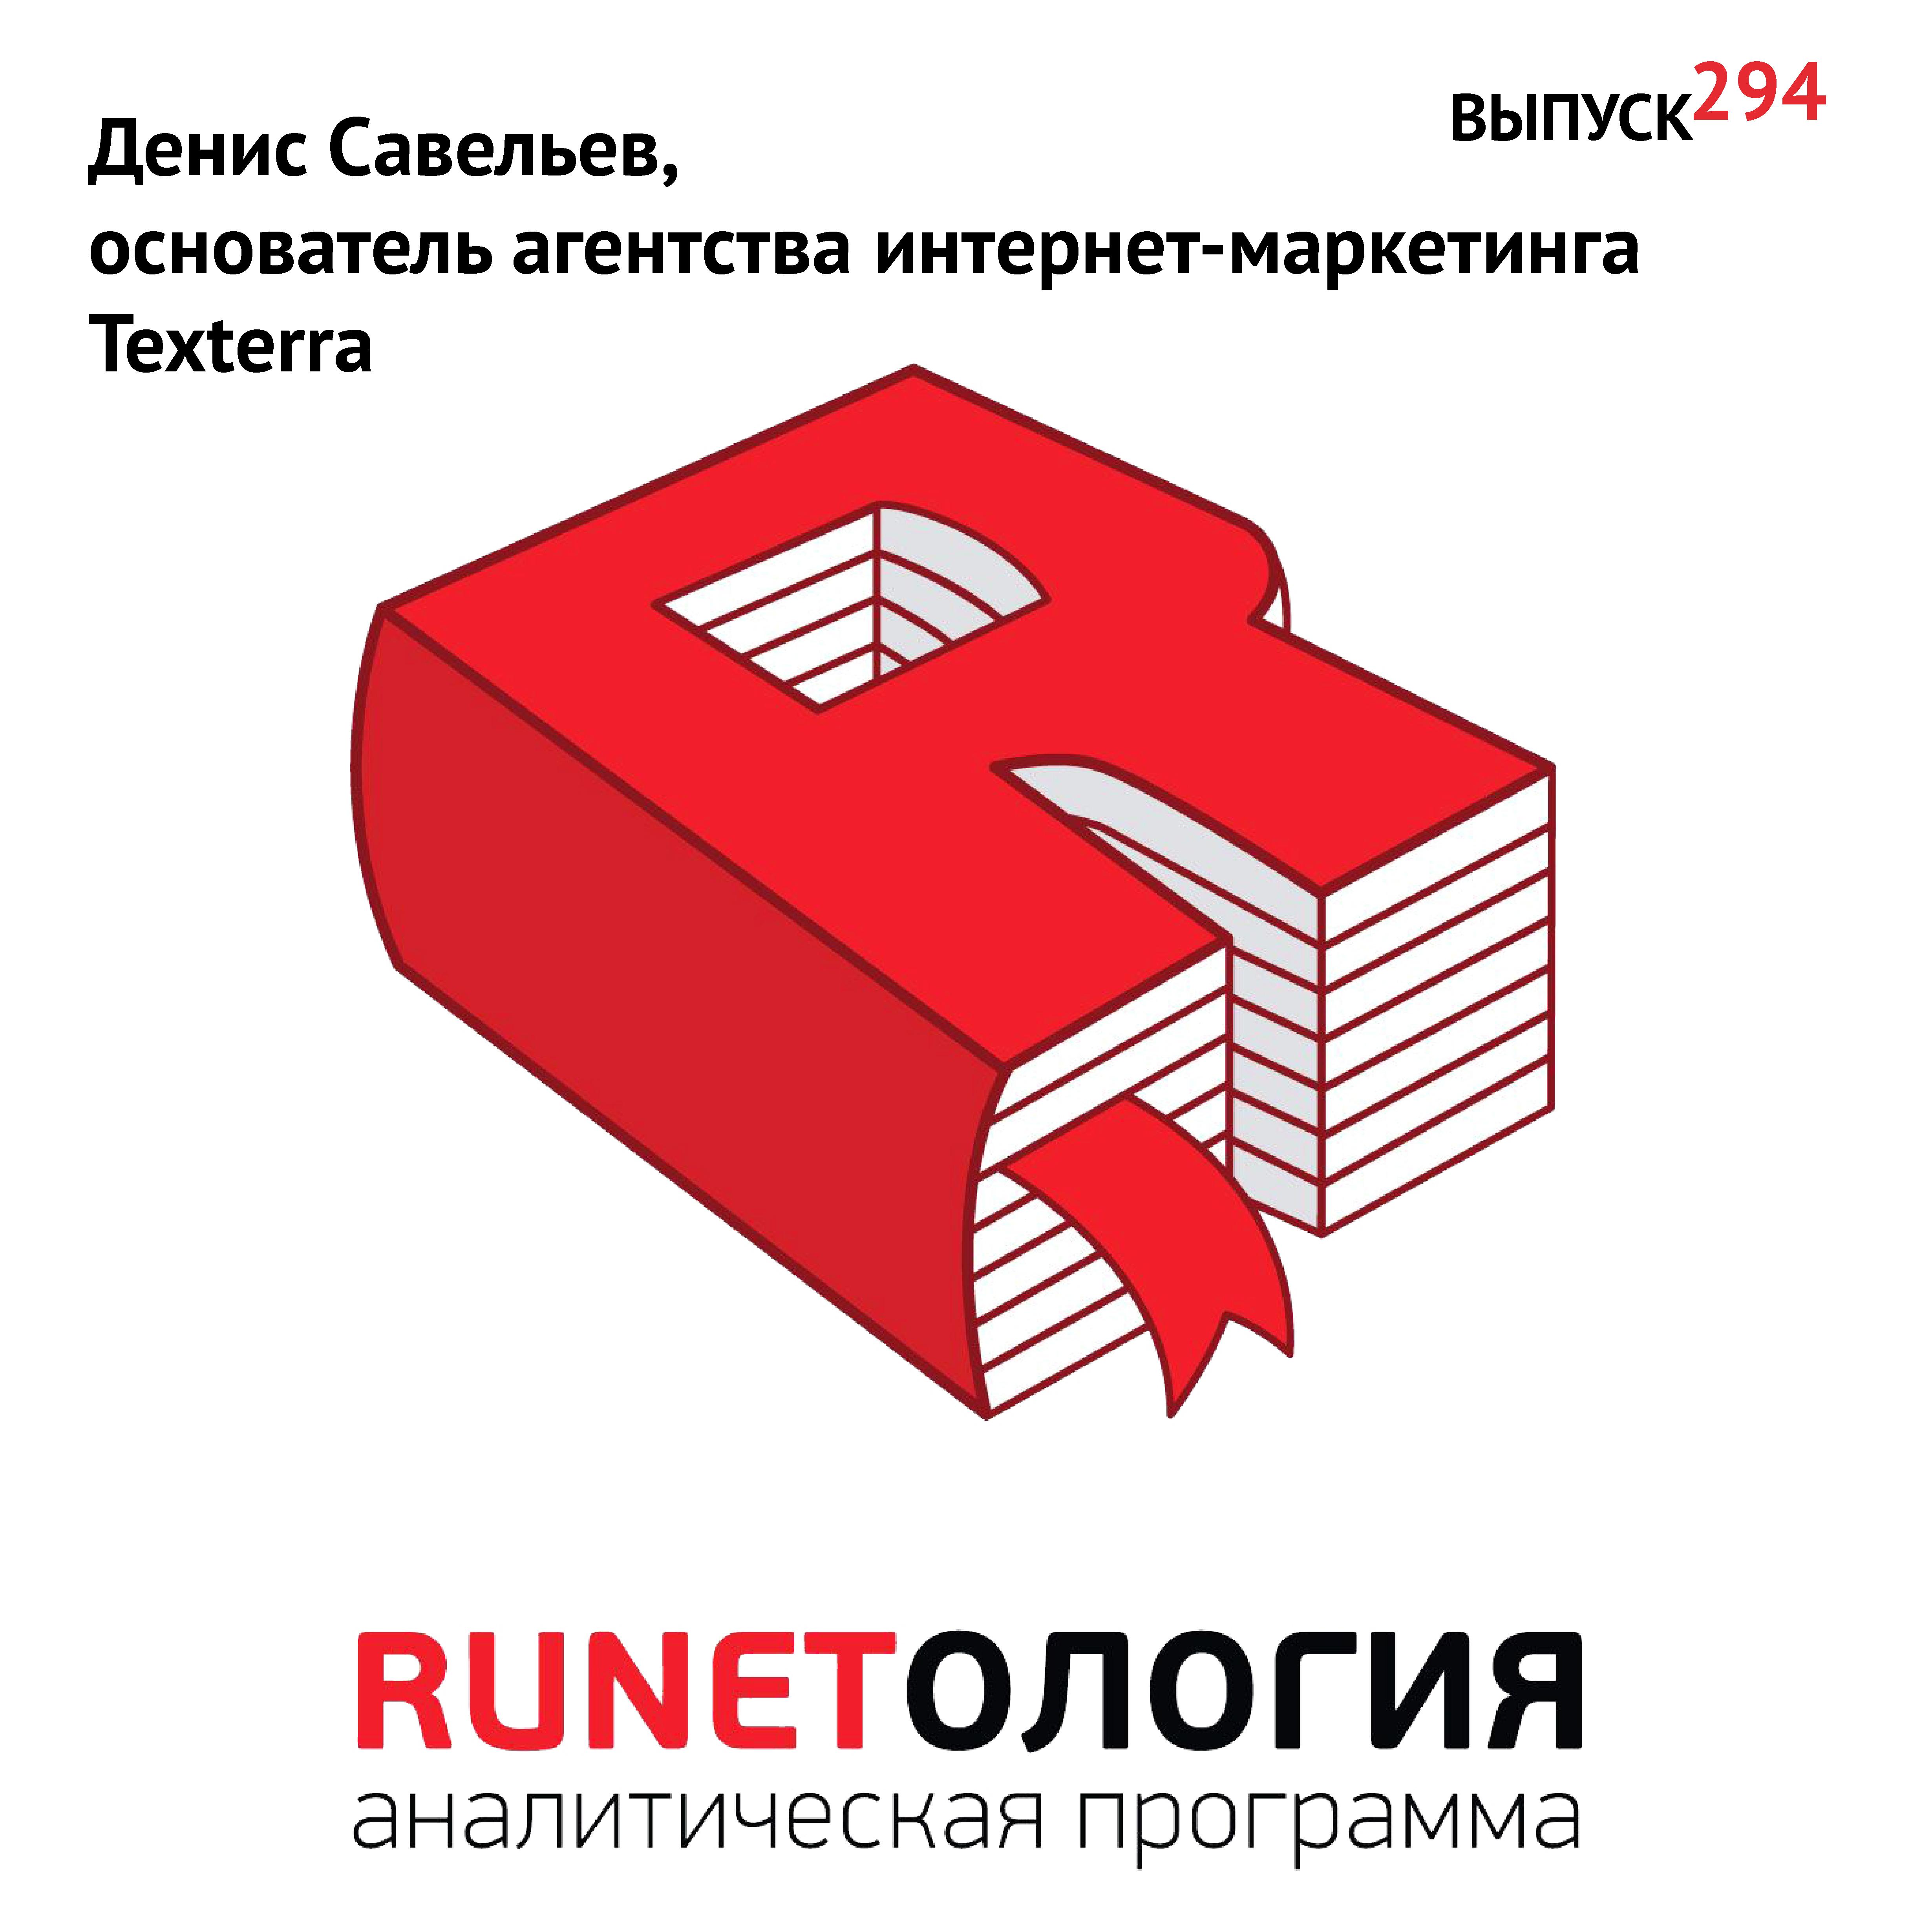 Максим Спиридонов Денис Савельев, основатель агентства интернет-маркетинга Texterra